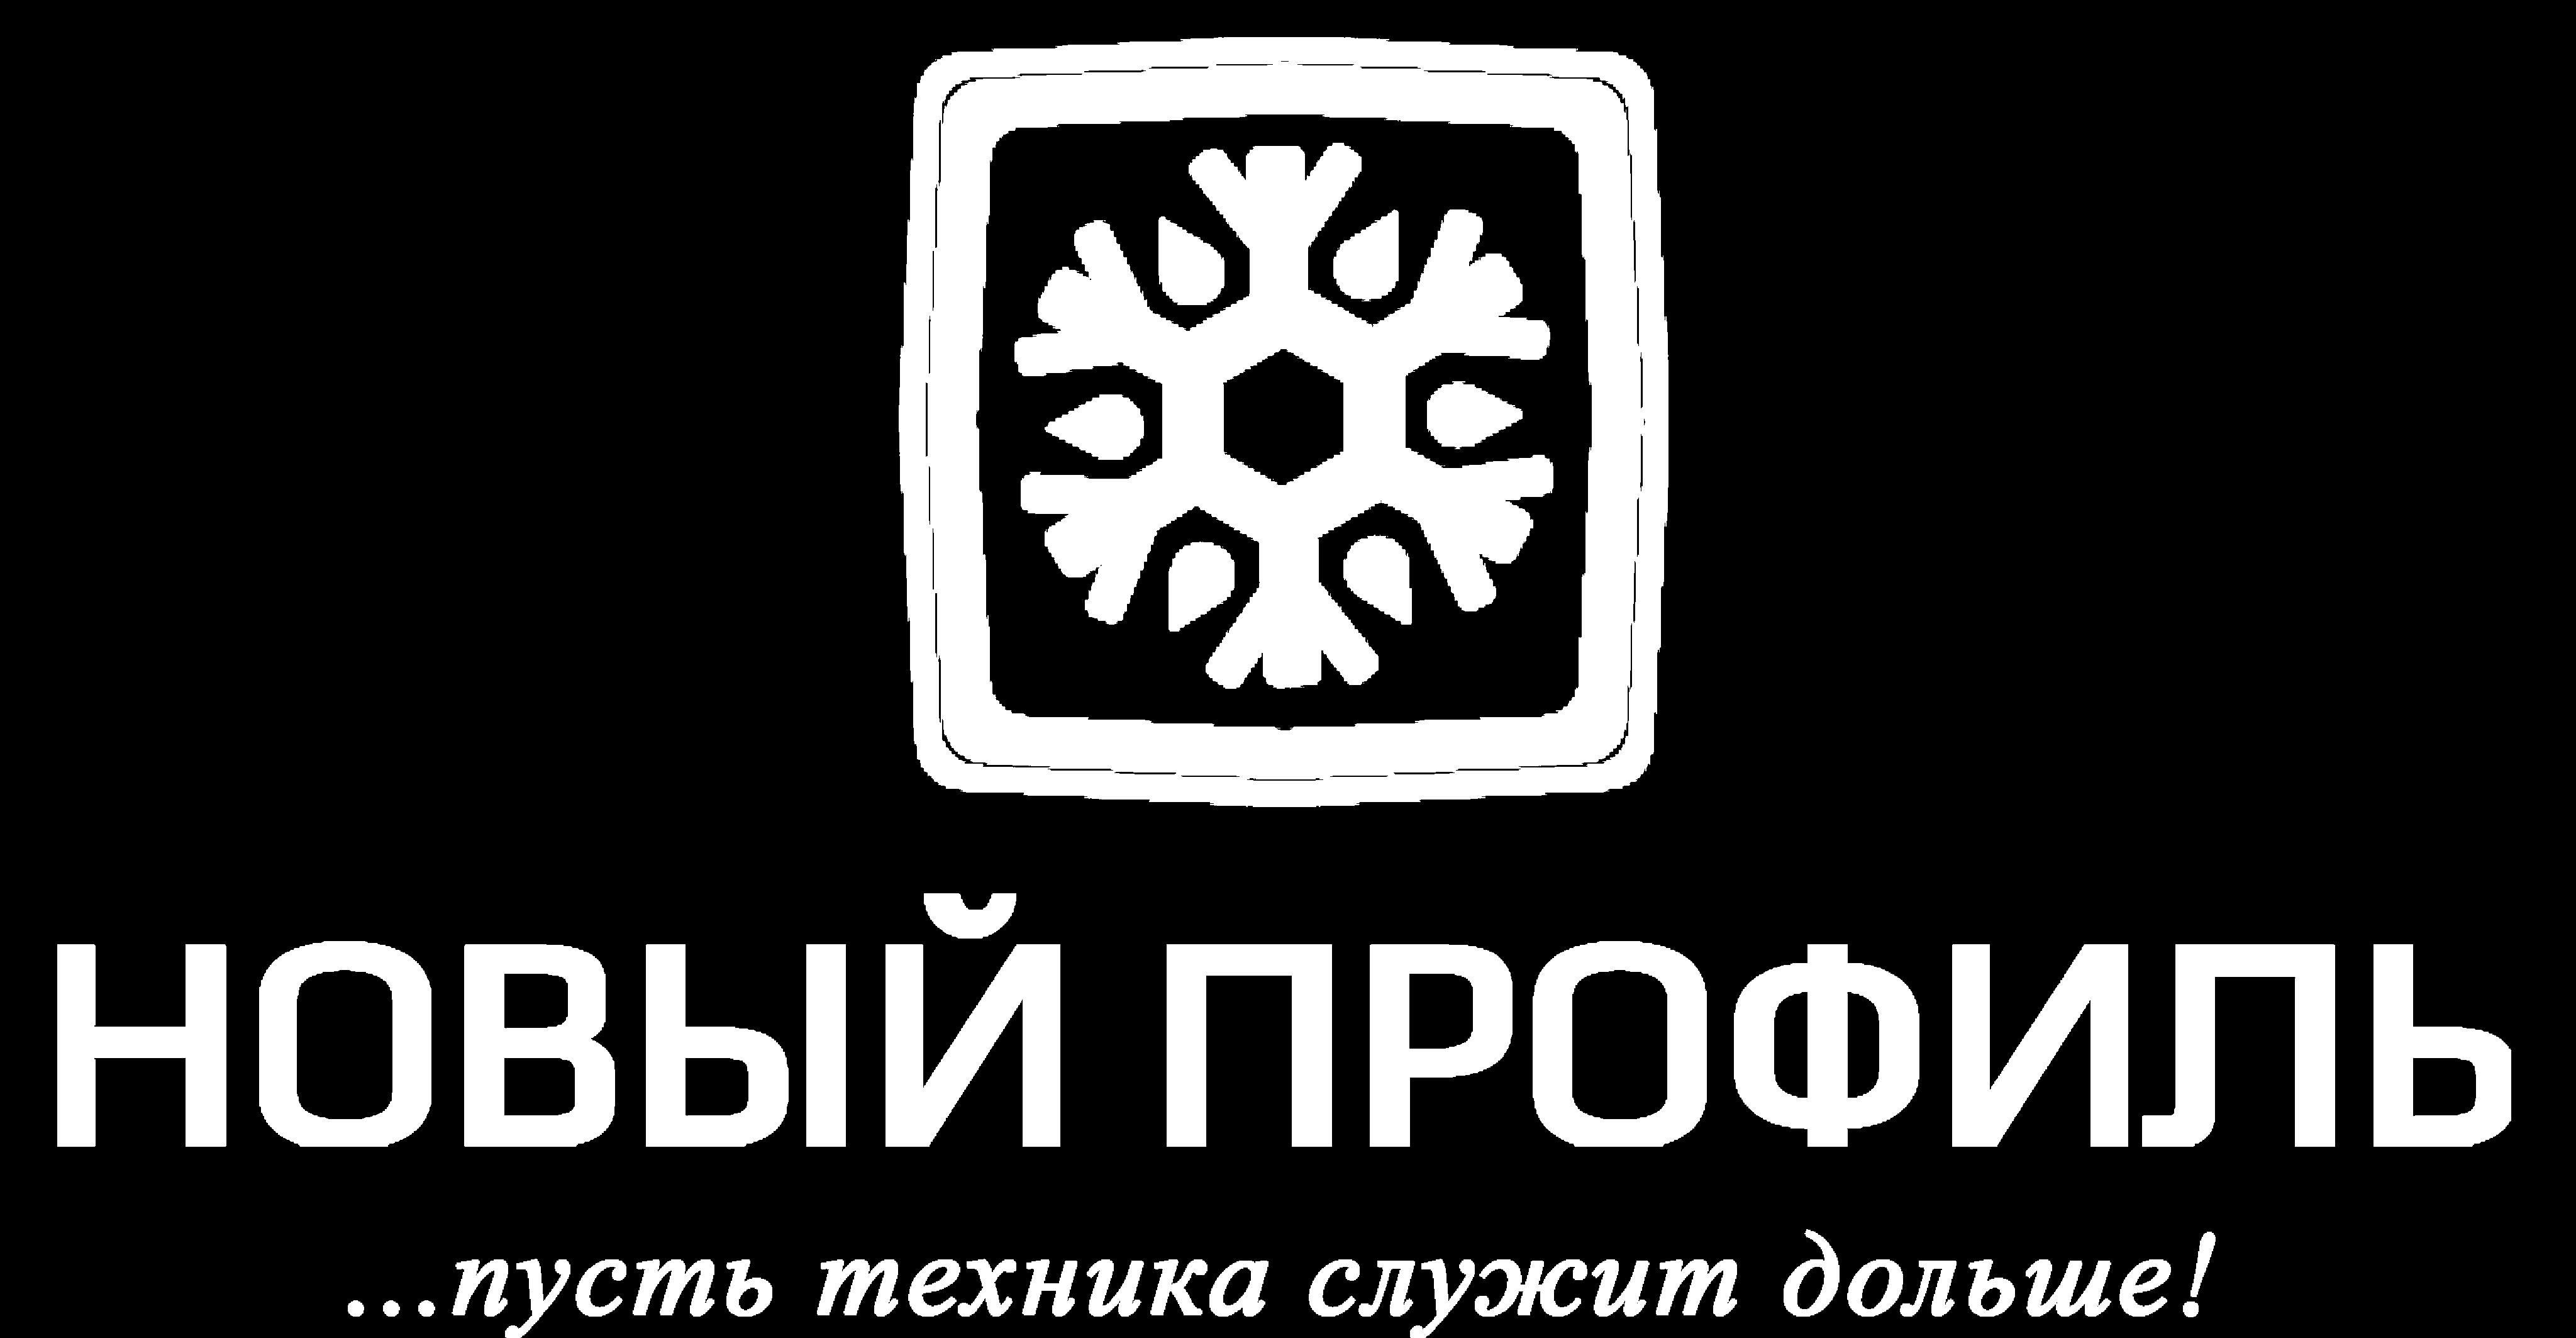 НОВЫЙ ПРОФИЛЬ